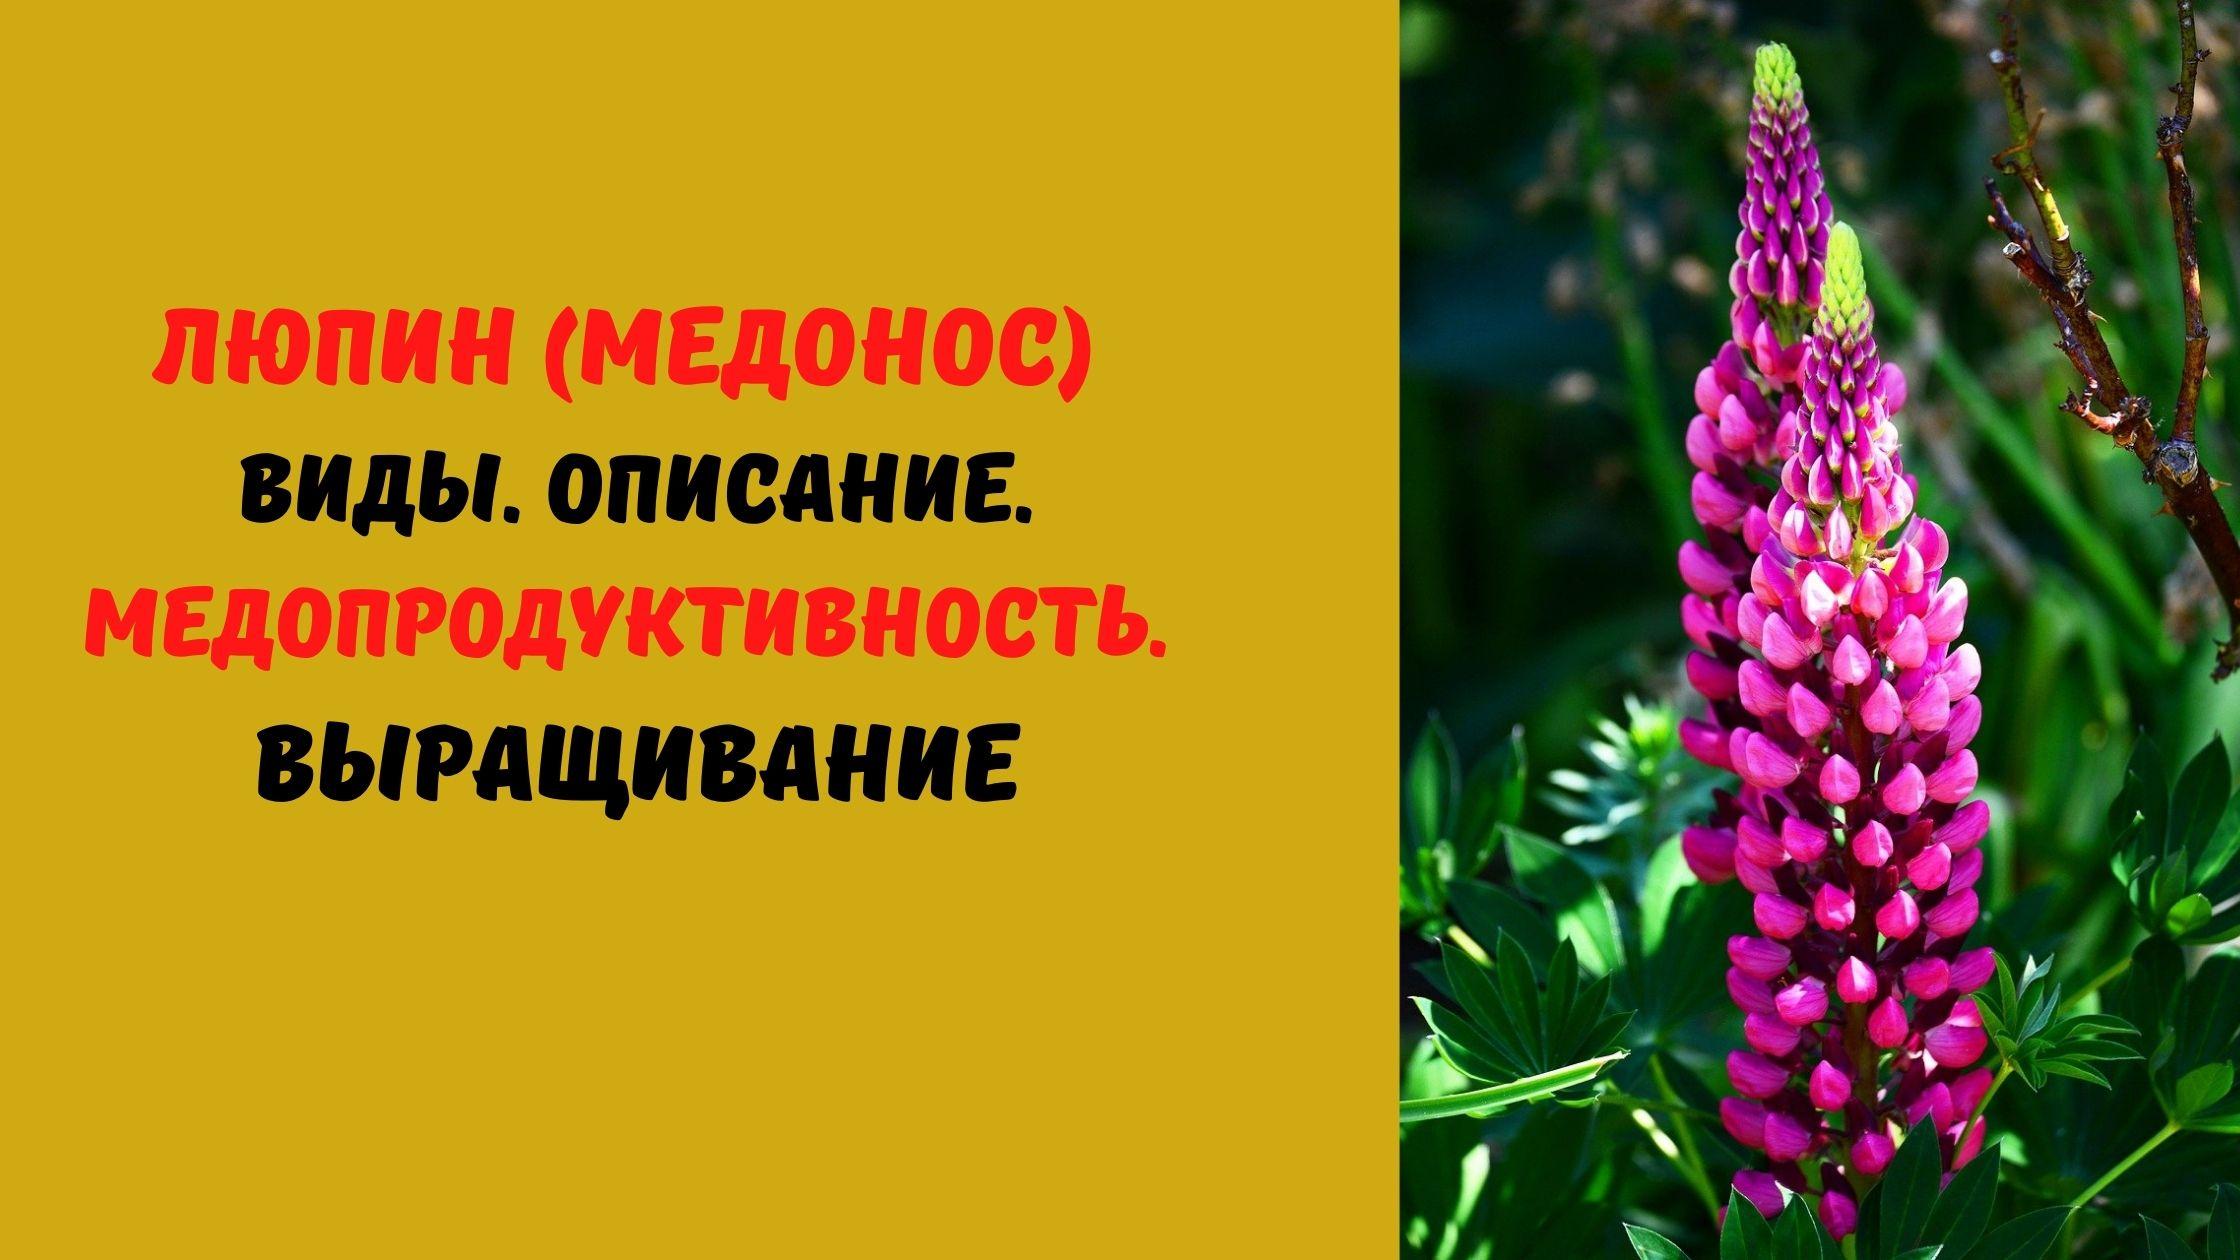 люпин медонос